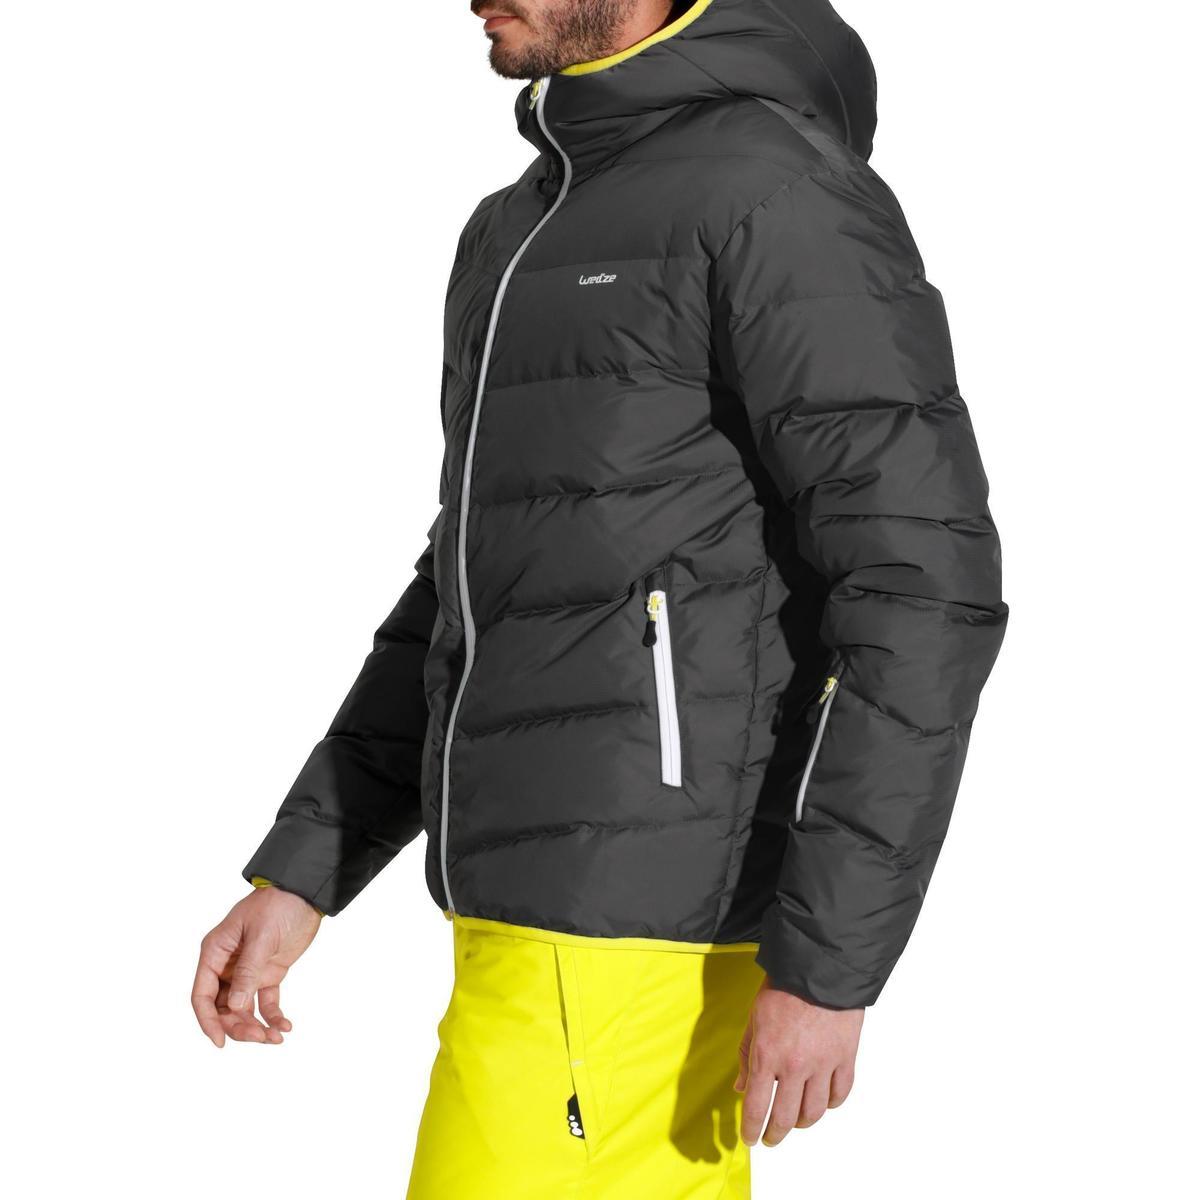 Bild 3 von Skijacke 500 Warm Herren grau